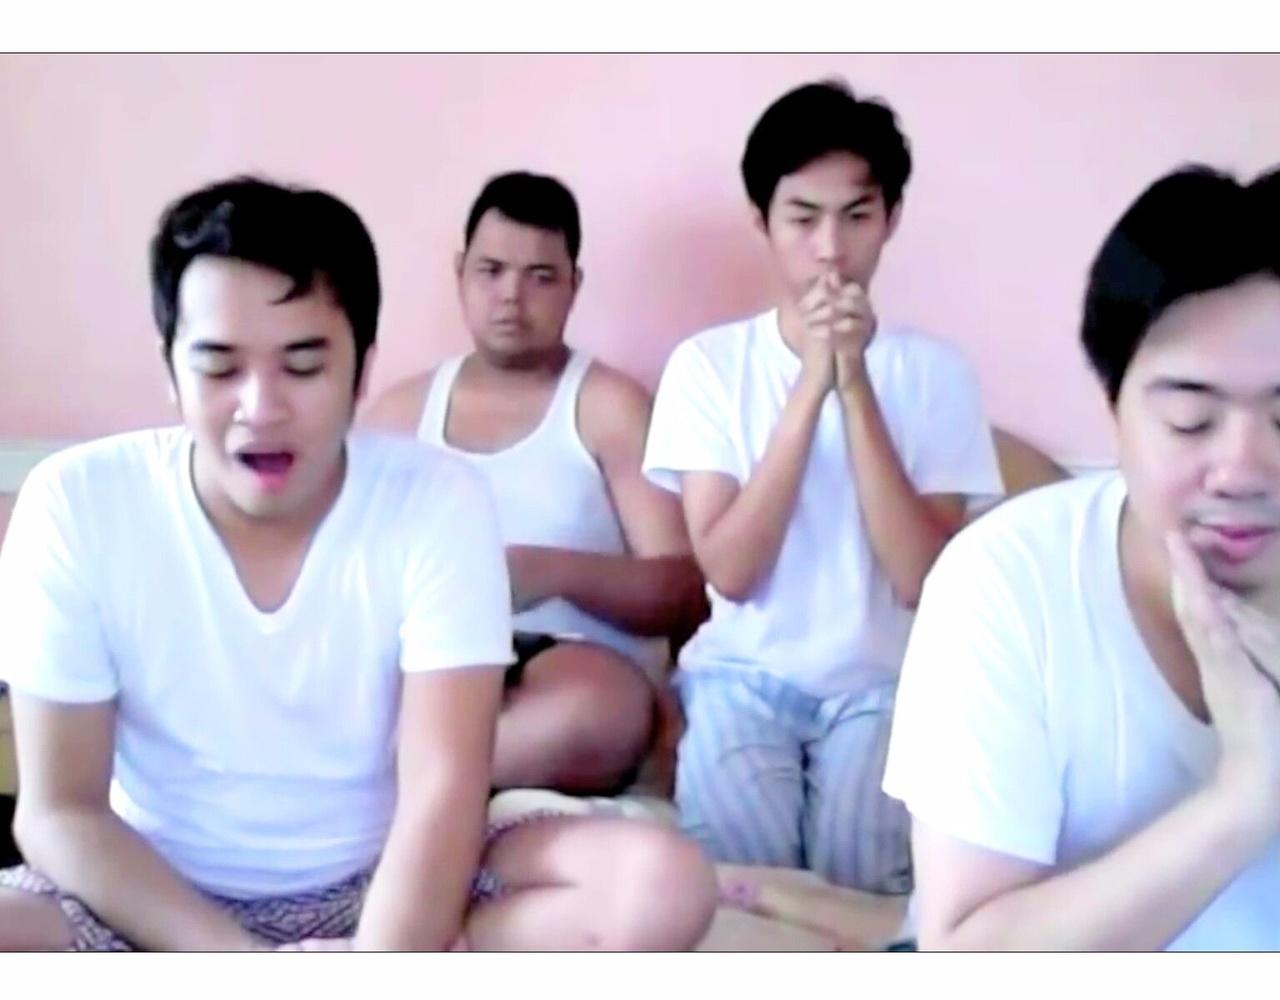 【高能慎入】当傻白四人组观看自家爱豆得奖时的反应